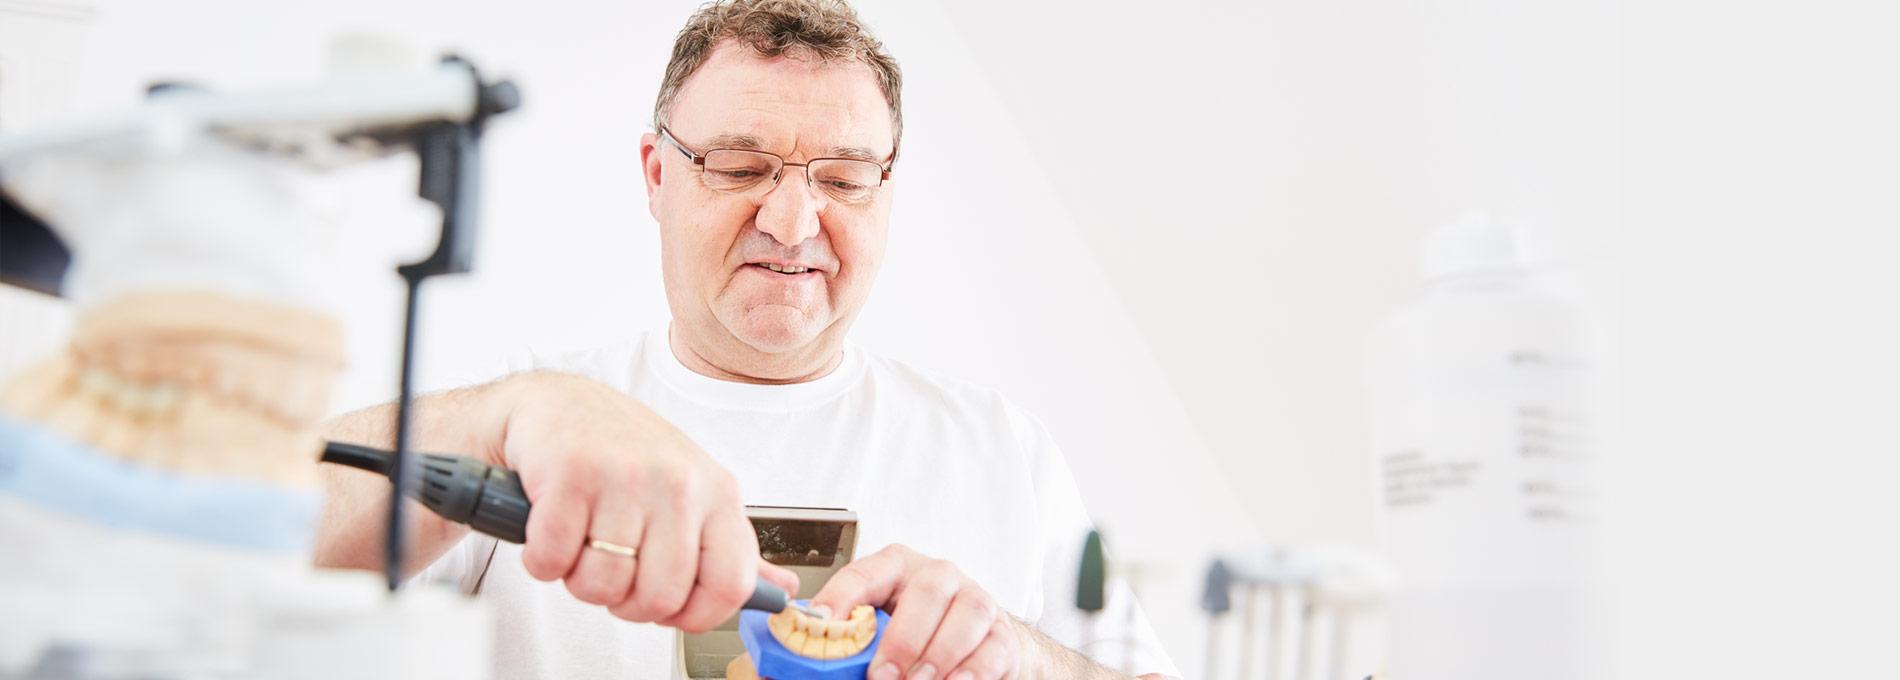 Zahnarztpraxis  Zahnrhein in Walluf - Zahnersatz 2